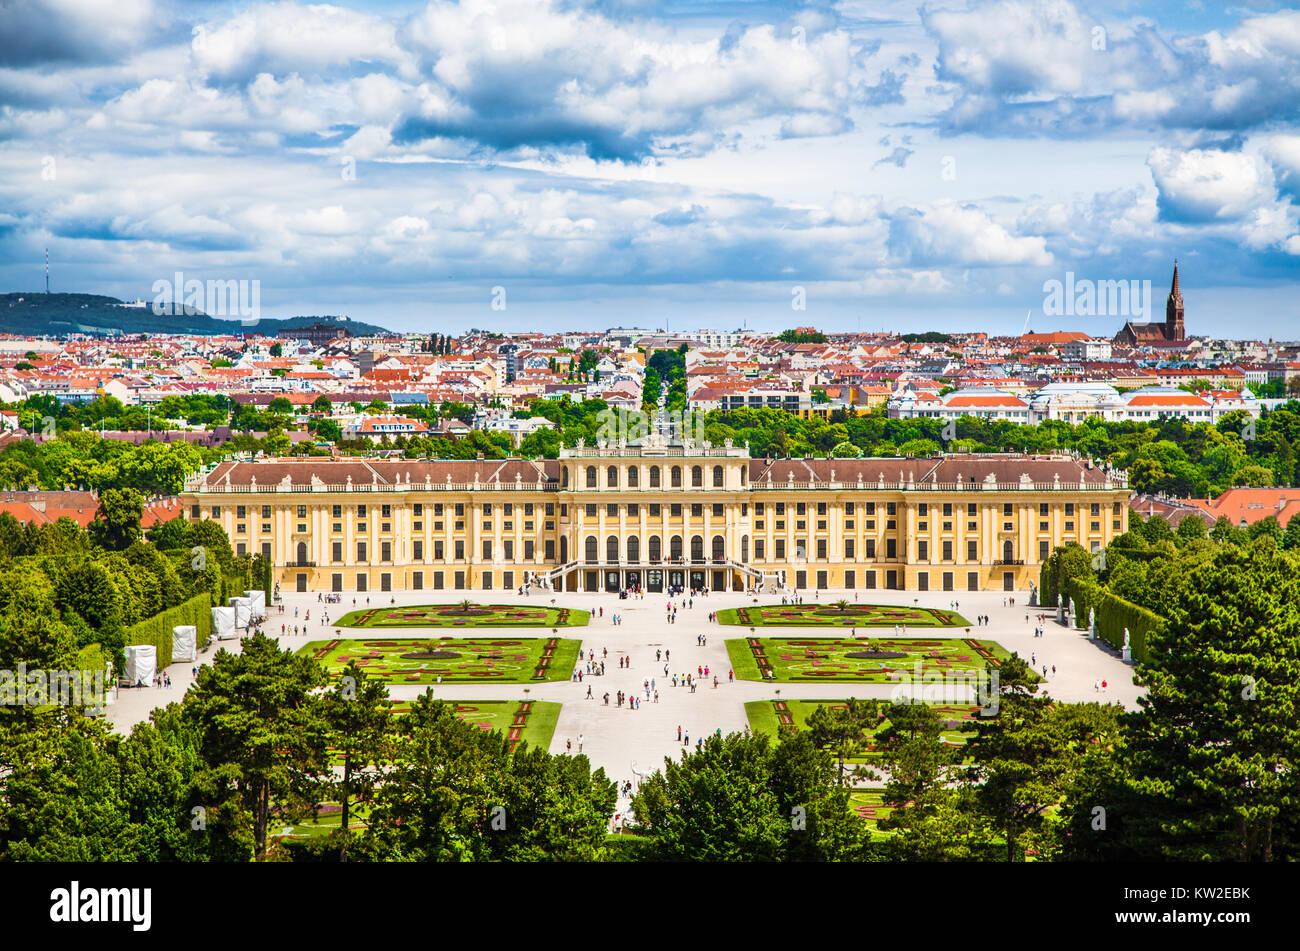 Belle vue du célèbre Palais Schönbrunn avec grand jardin Parterre à Vienne, Autriche Photo Stock